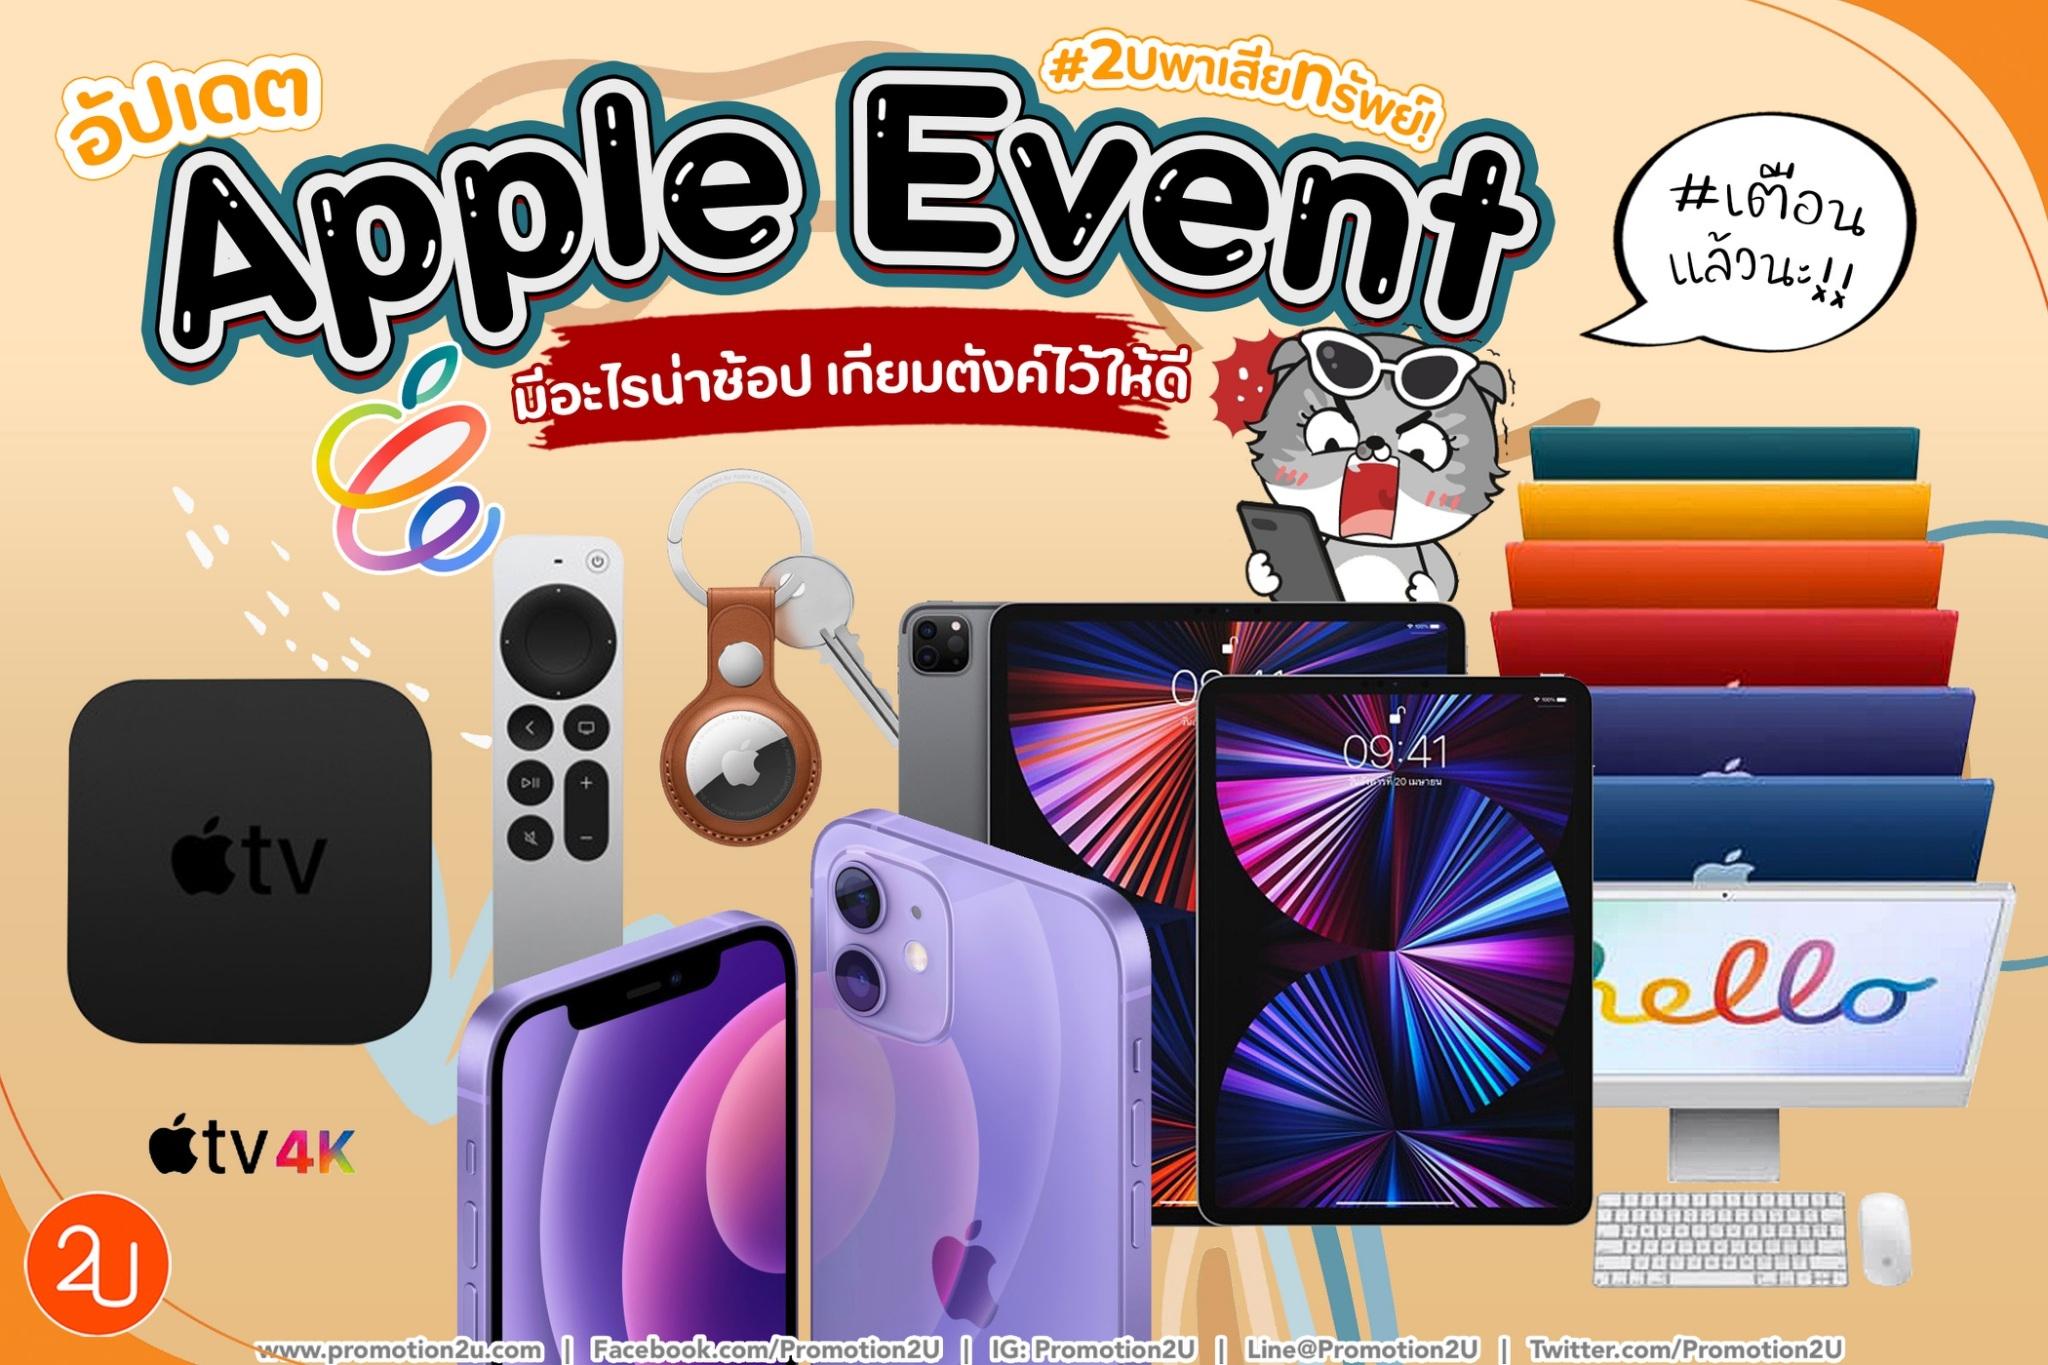 ใหม่!! iPad Pro2021 สเปคเทพ พร้อม iMAC สีใหม่จัดเต็ม 7 สี ใน  Apple event spring loaded